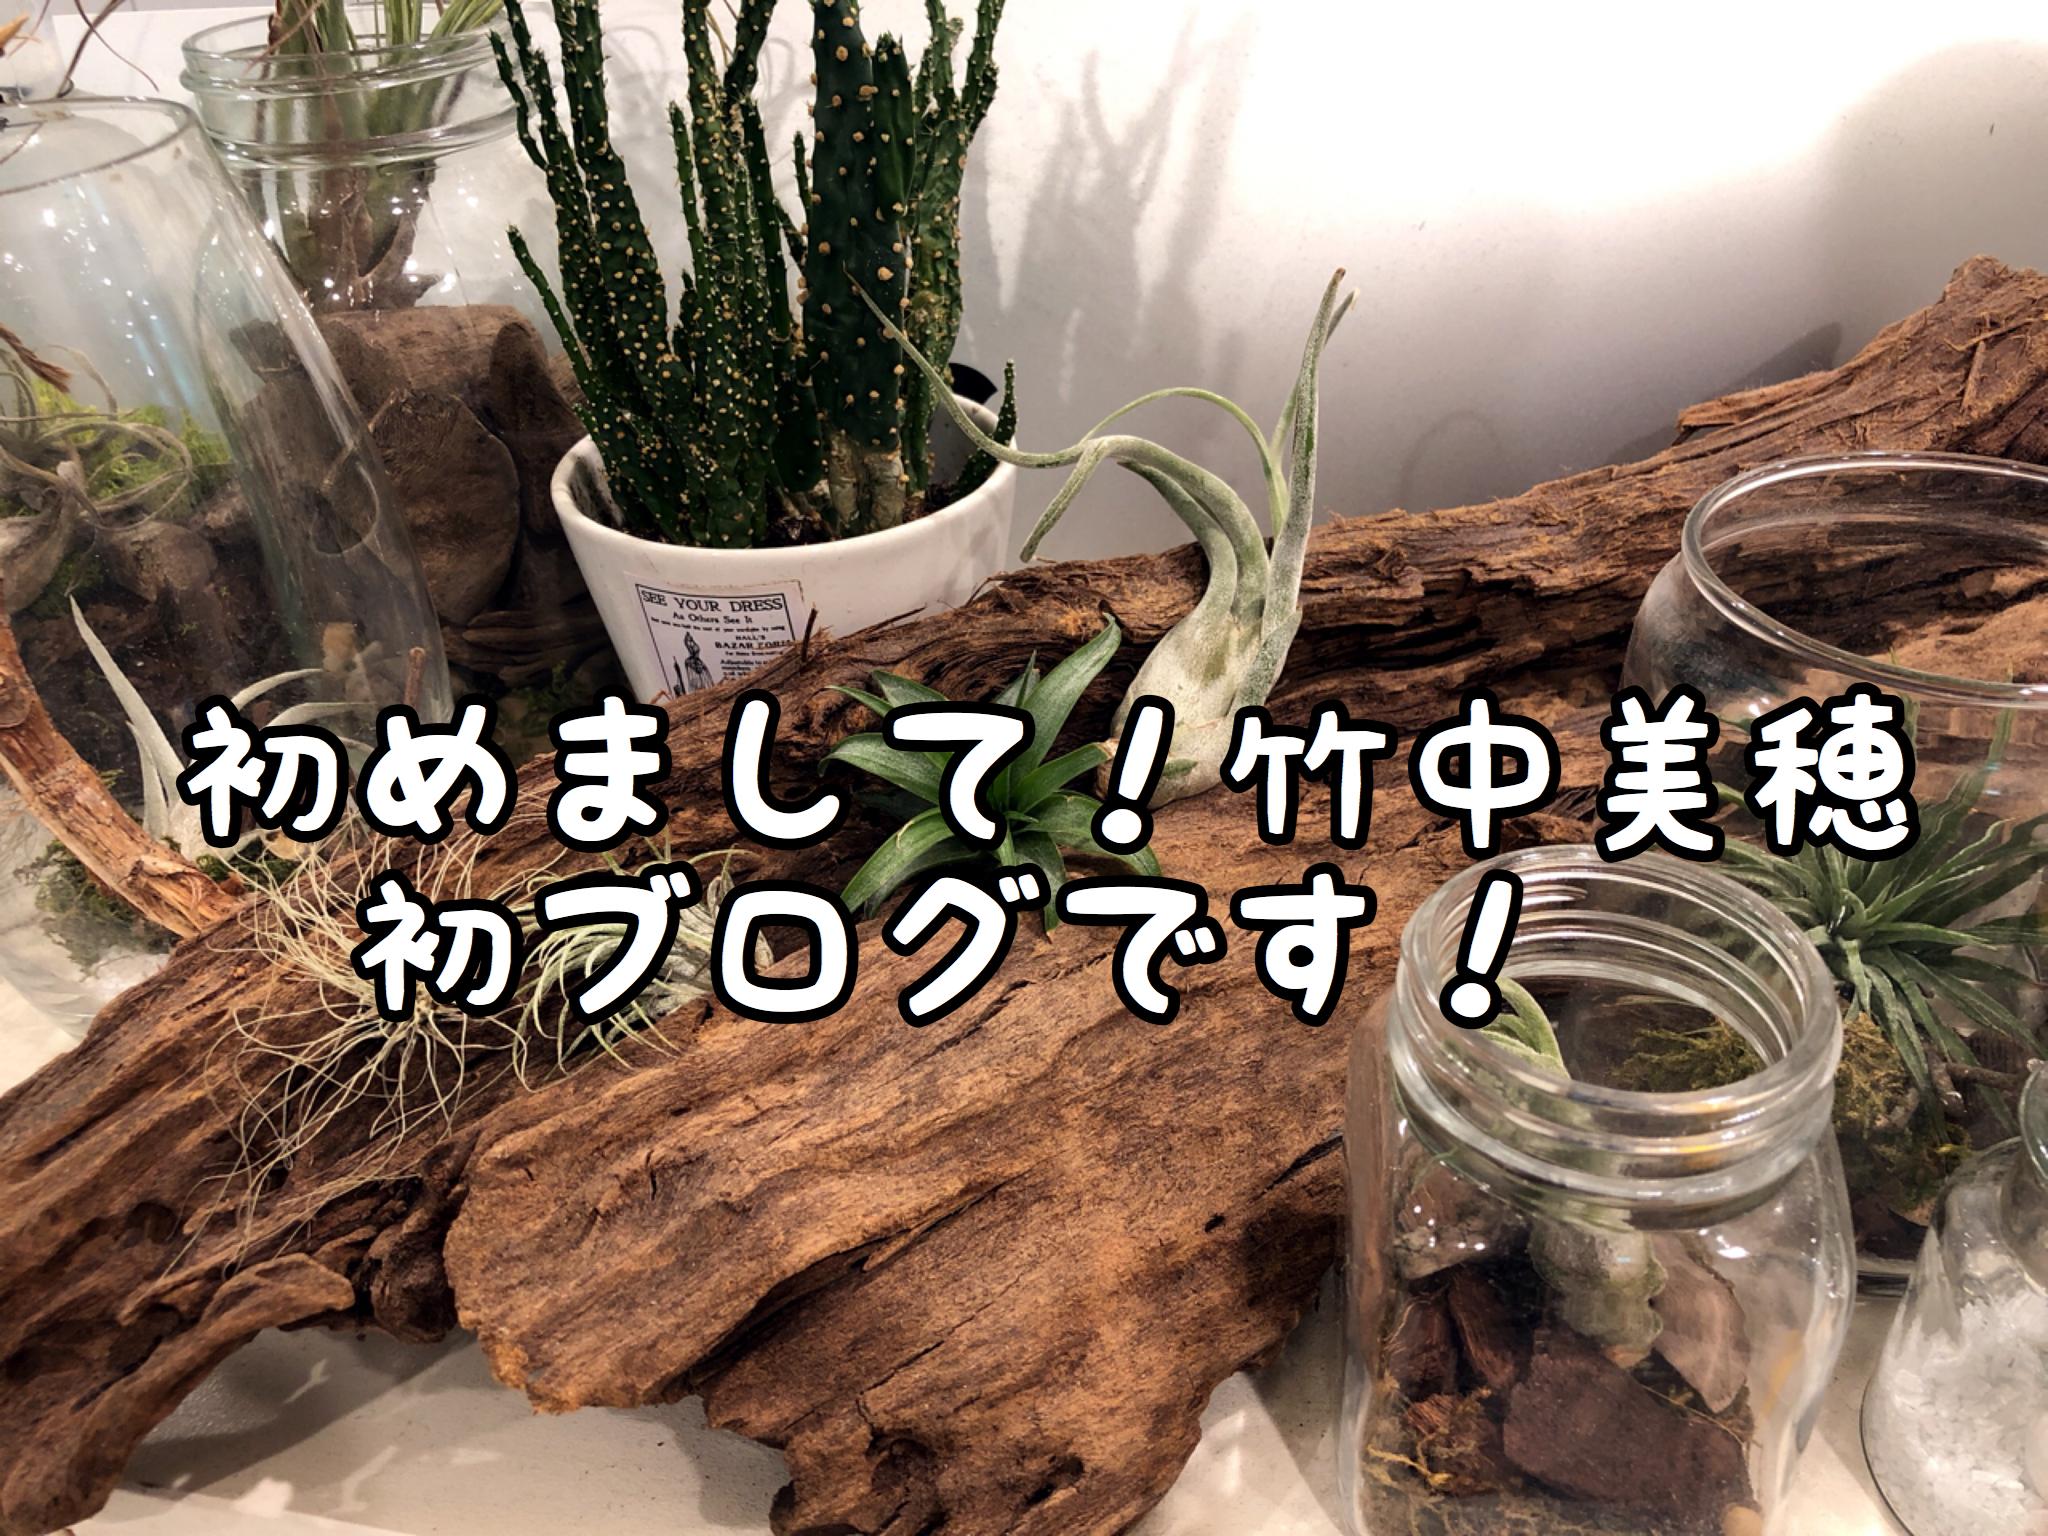 Ageご愛好のお客様はじめまして!!COTAが大好きな竹中美穂です!